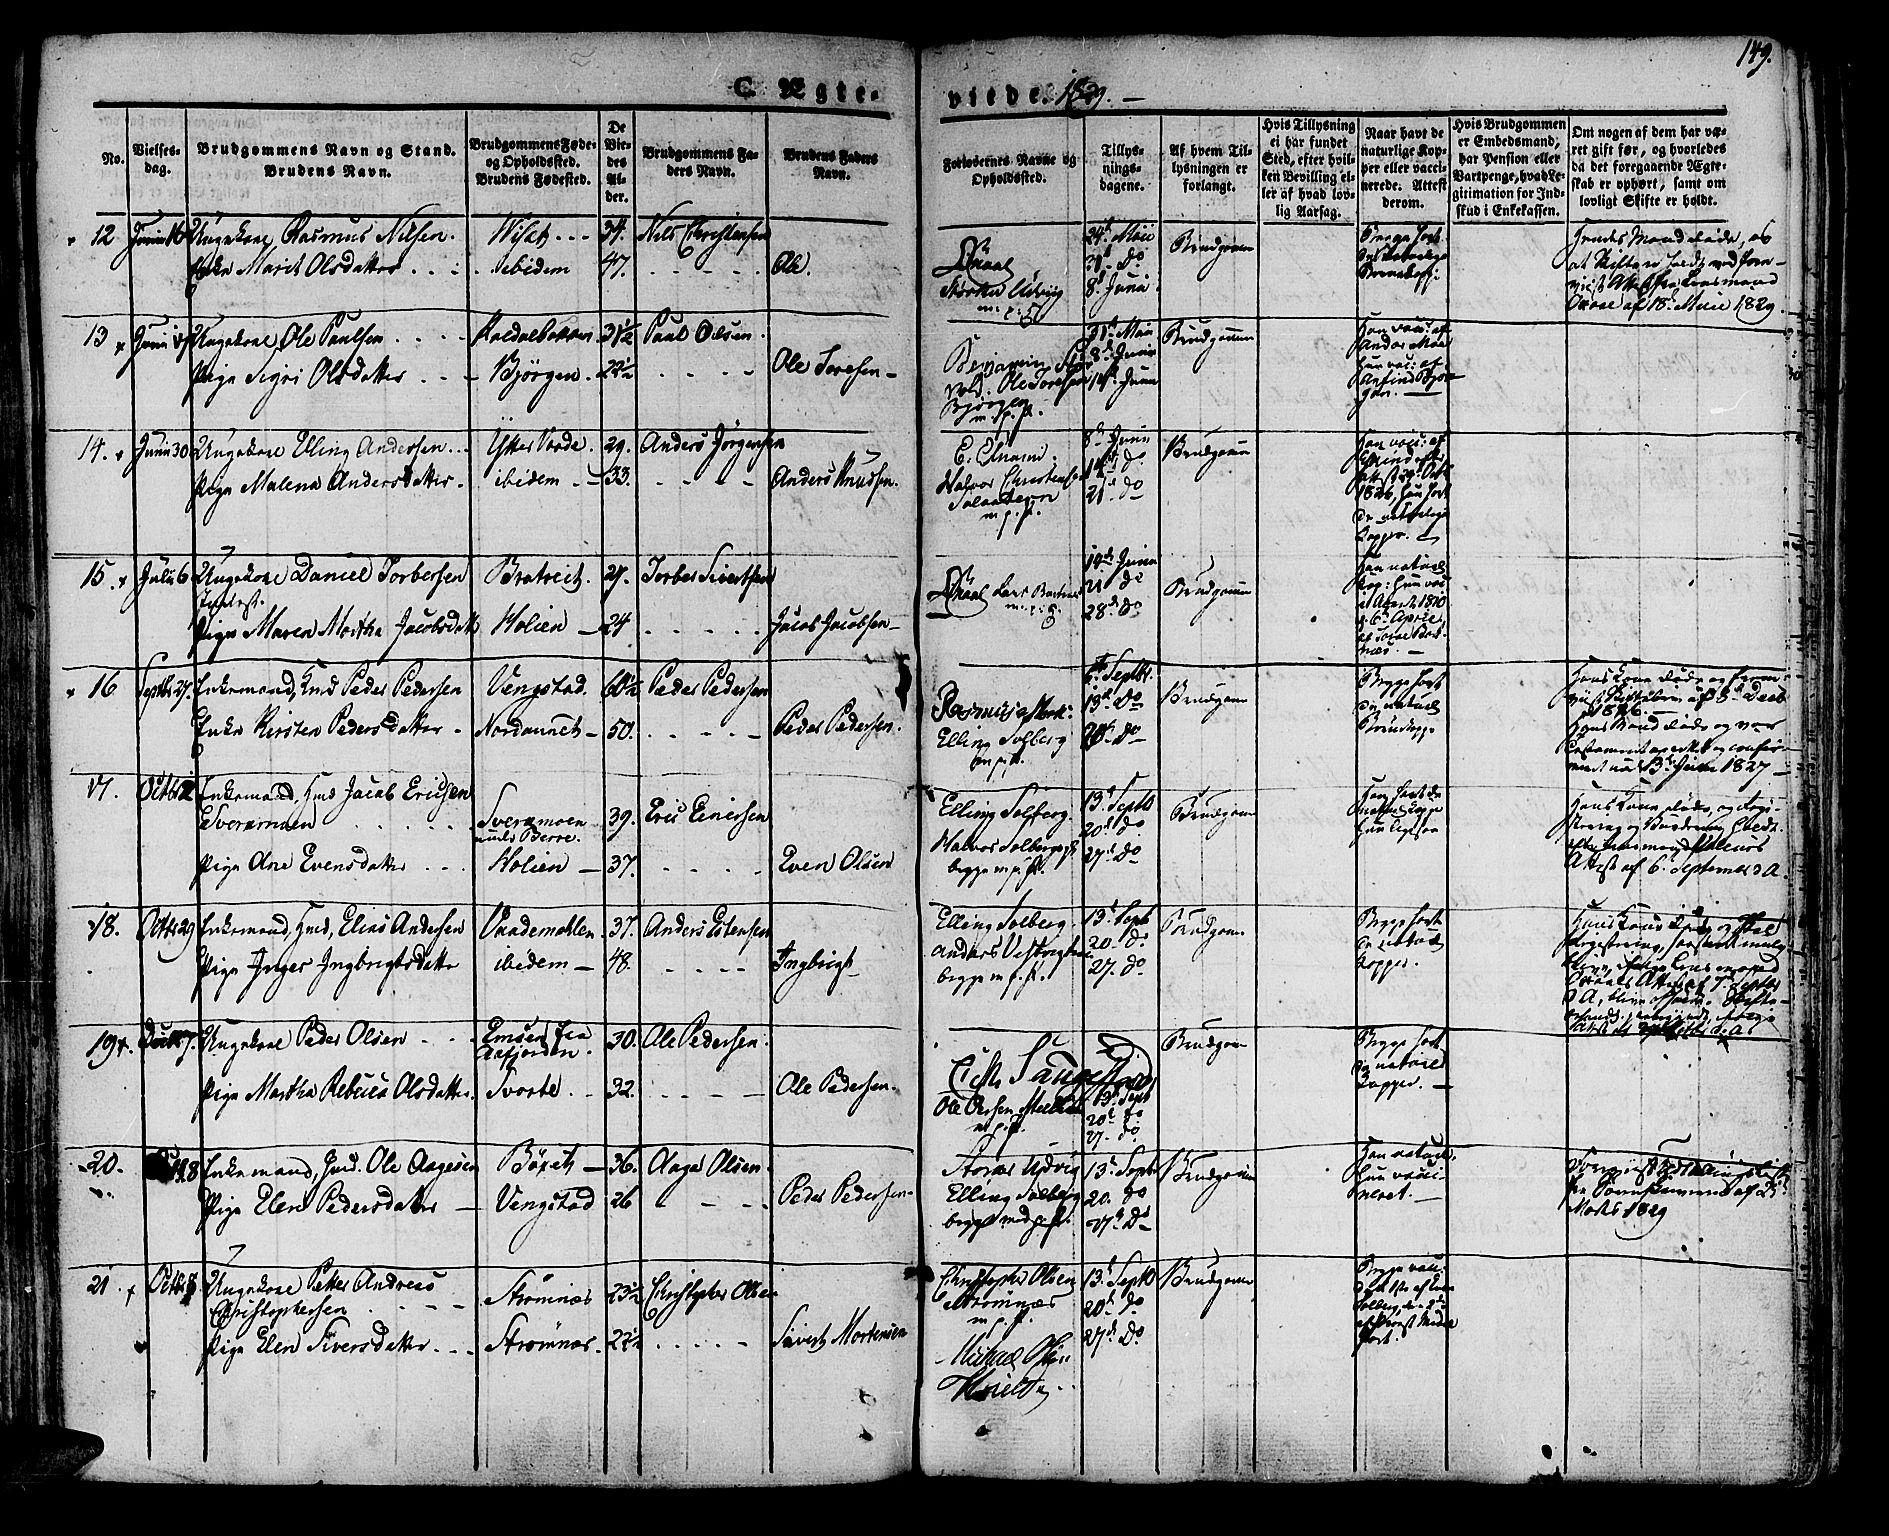 SAT, Ministerialprotokoller, klokkerbøker og fødselsregistre - Nord-Trøndelag, 741/L0390: Ministerialbok nr. 741A04, 1822-1836, s. 149